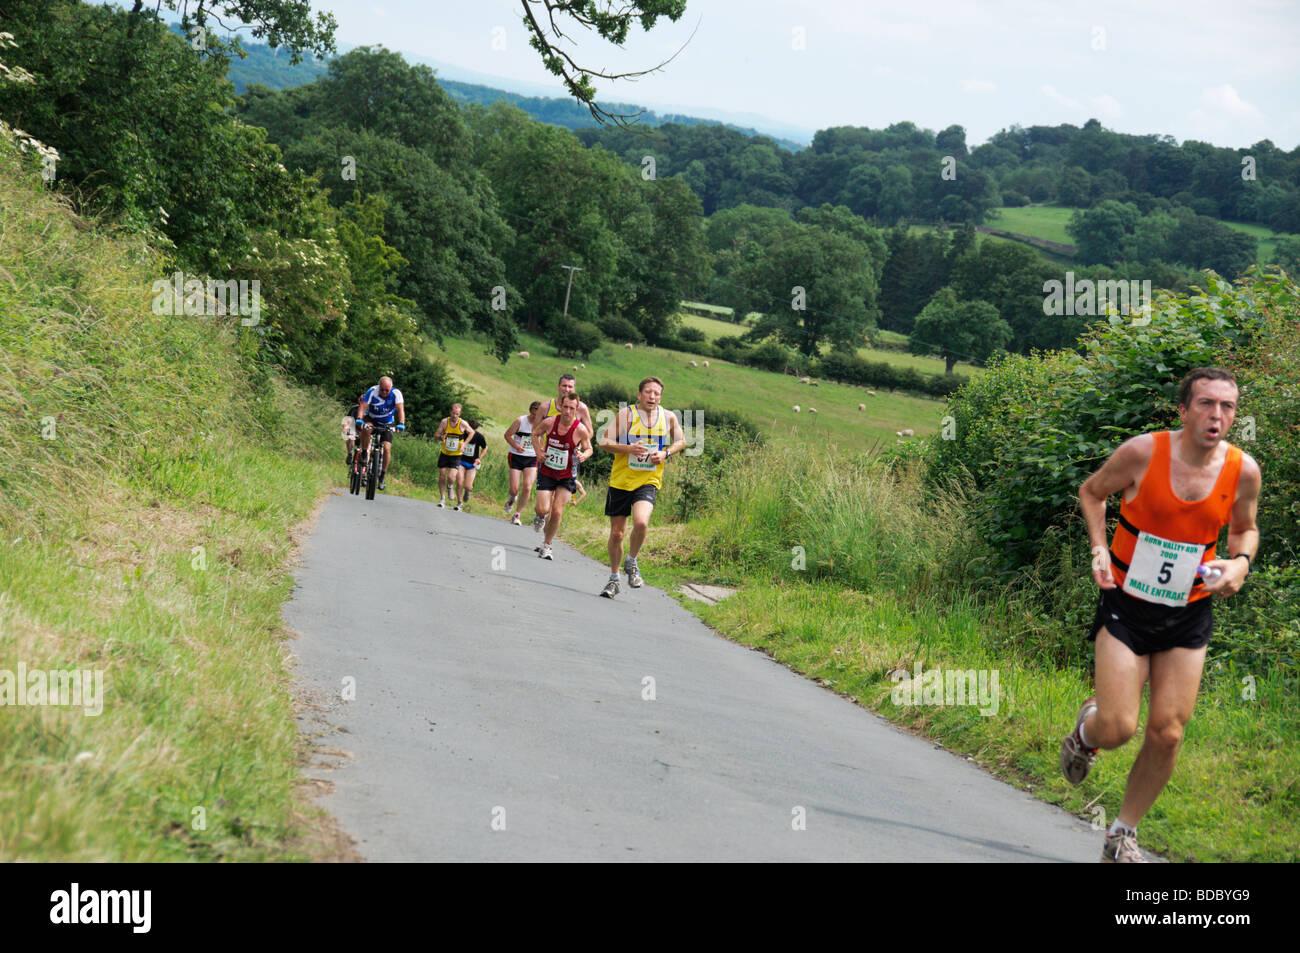 Fotografare il Masham Burne Valley Run 2009 Immagini Stock